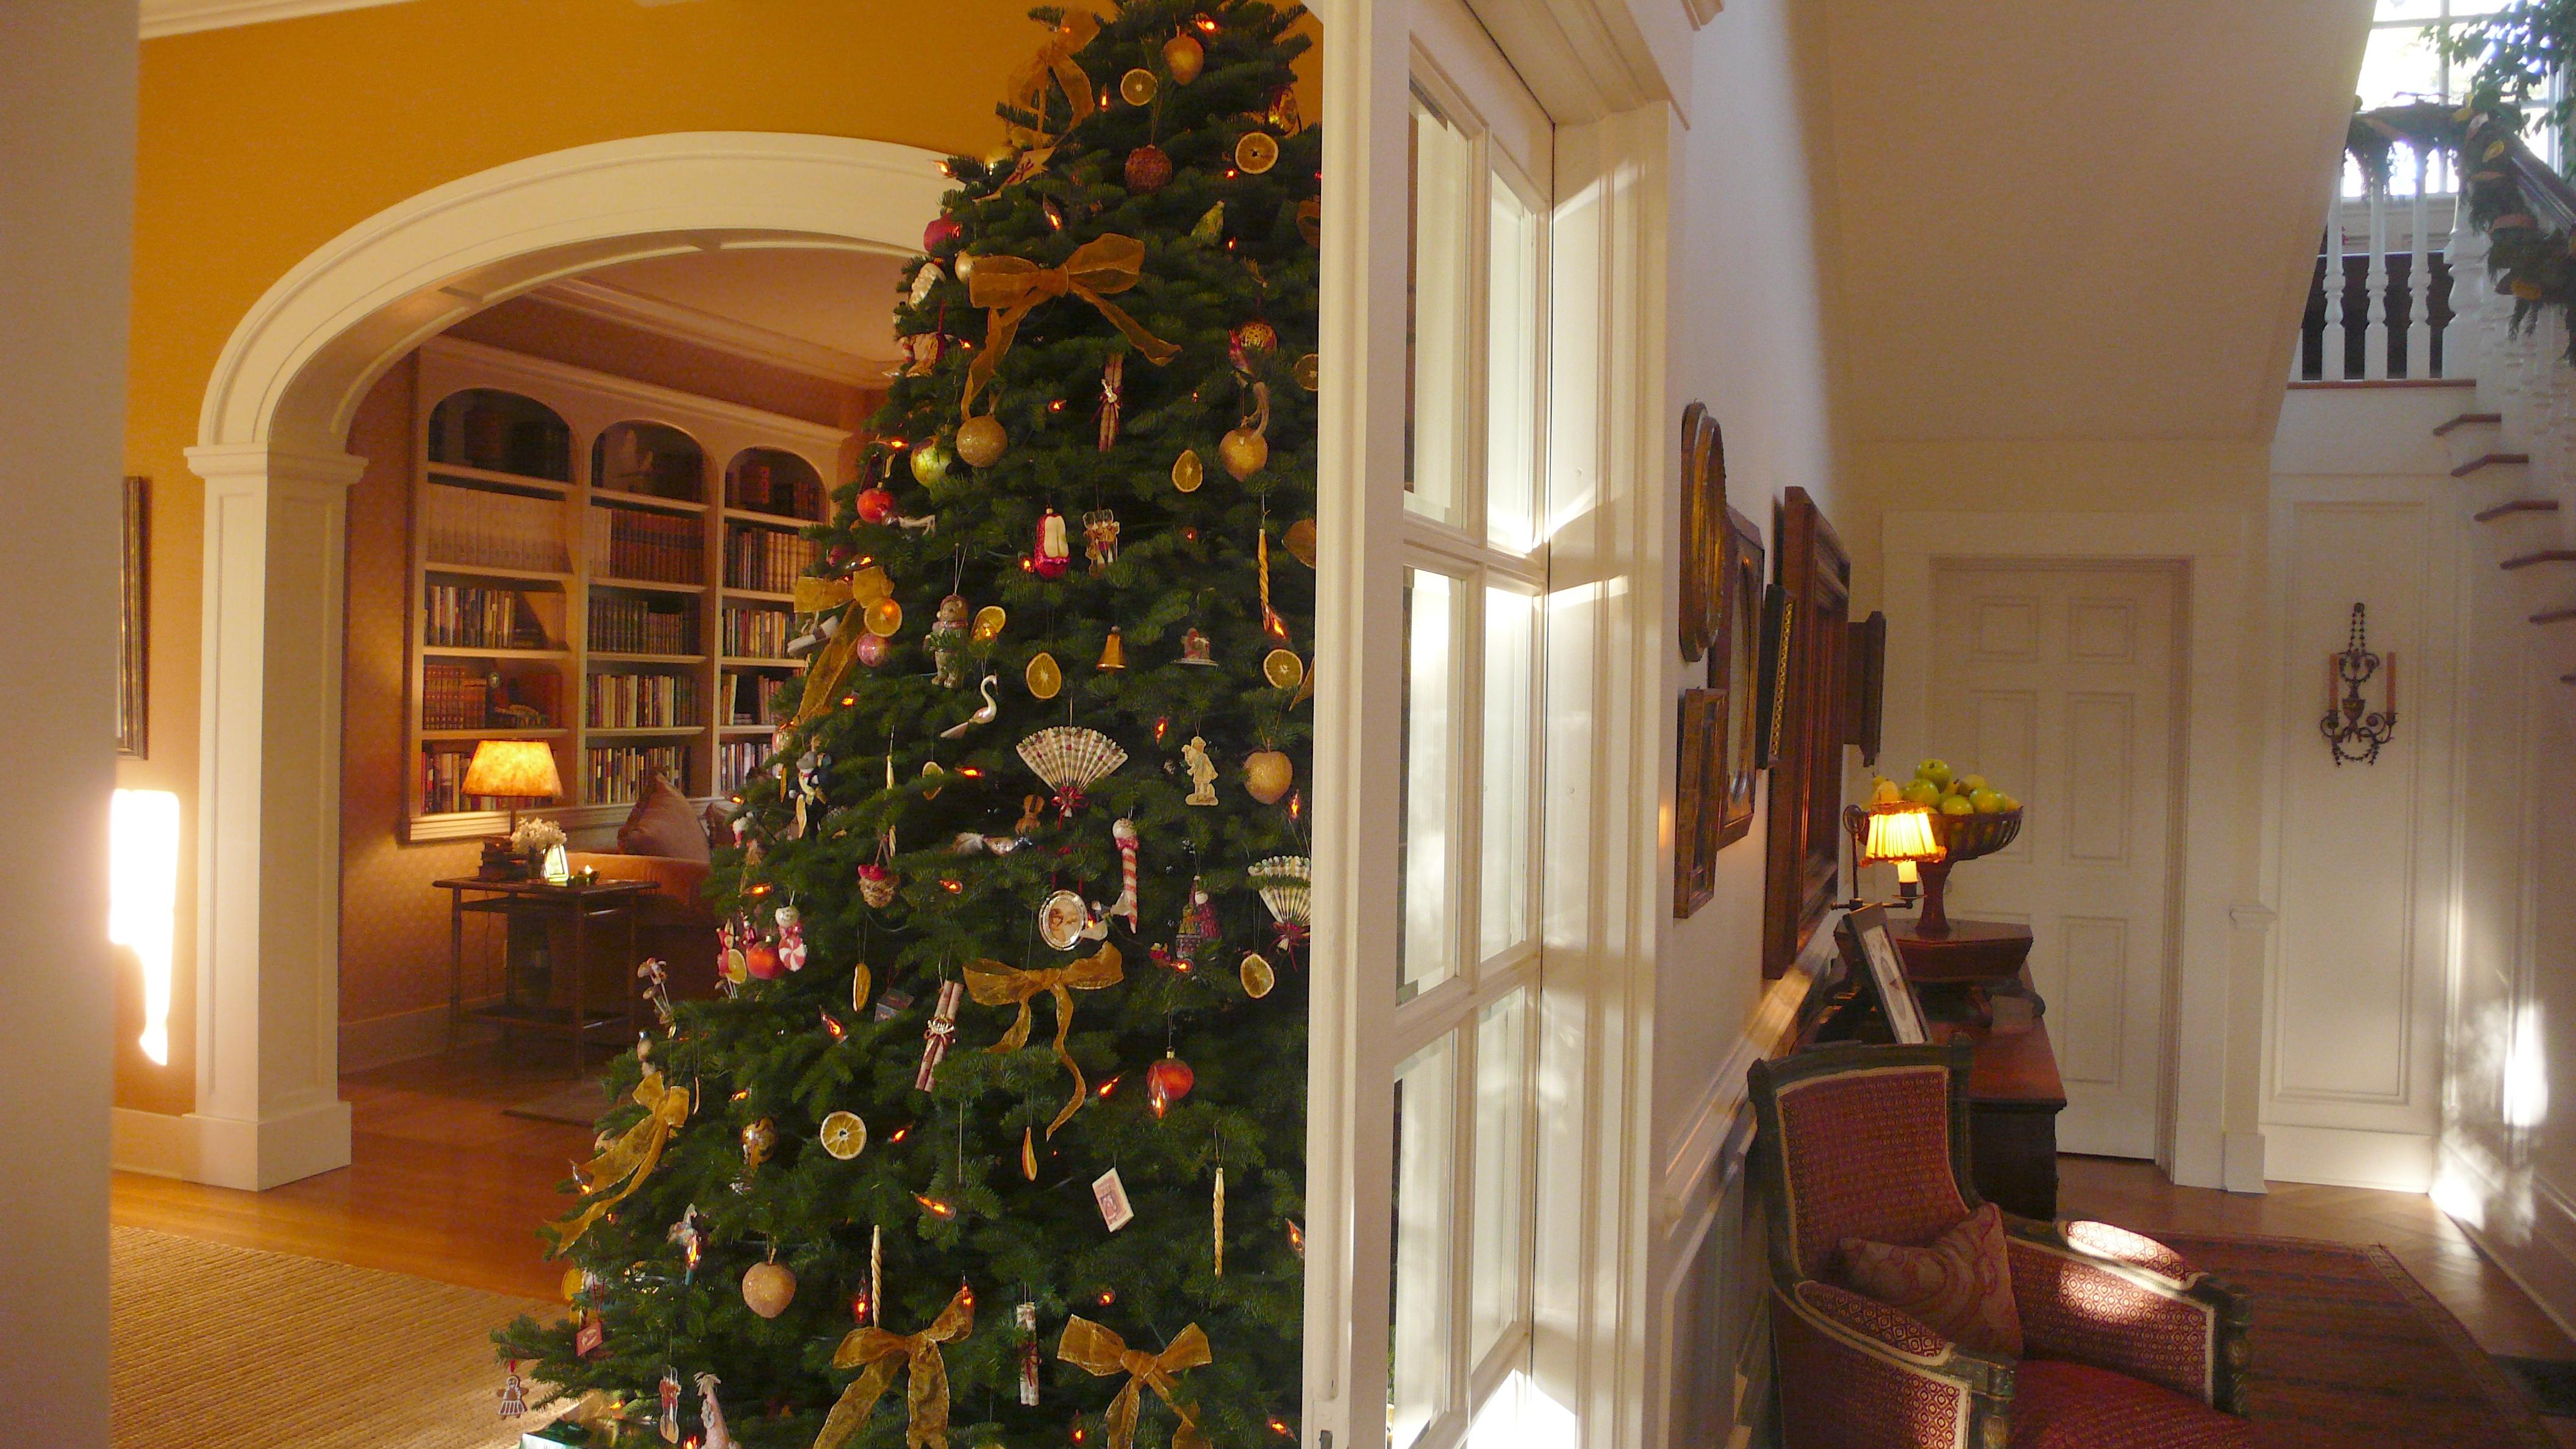 Our Christmas tree. slimpaley.com